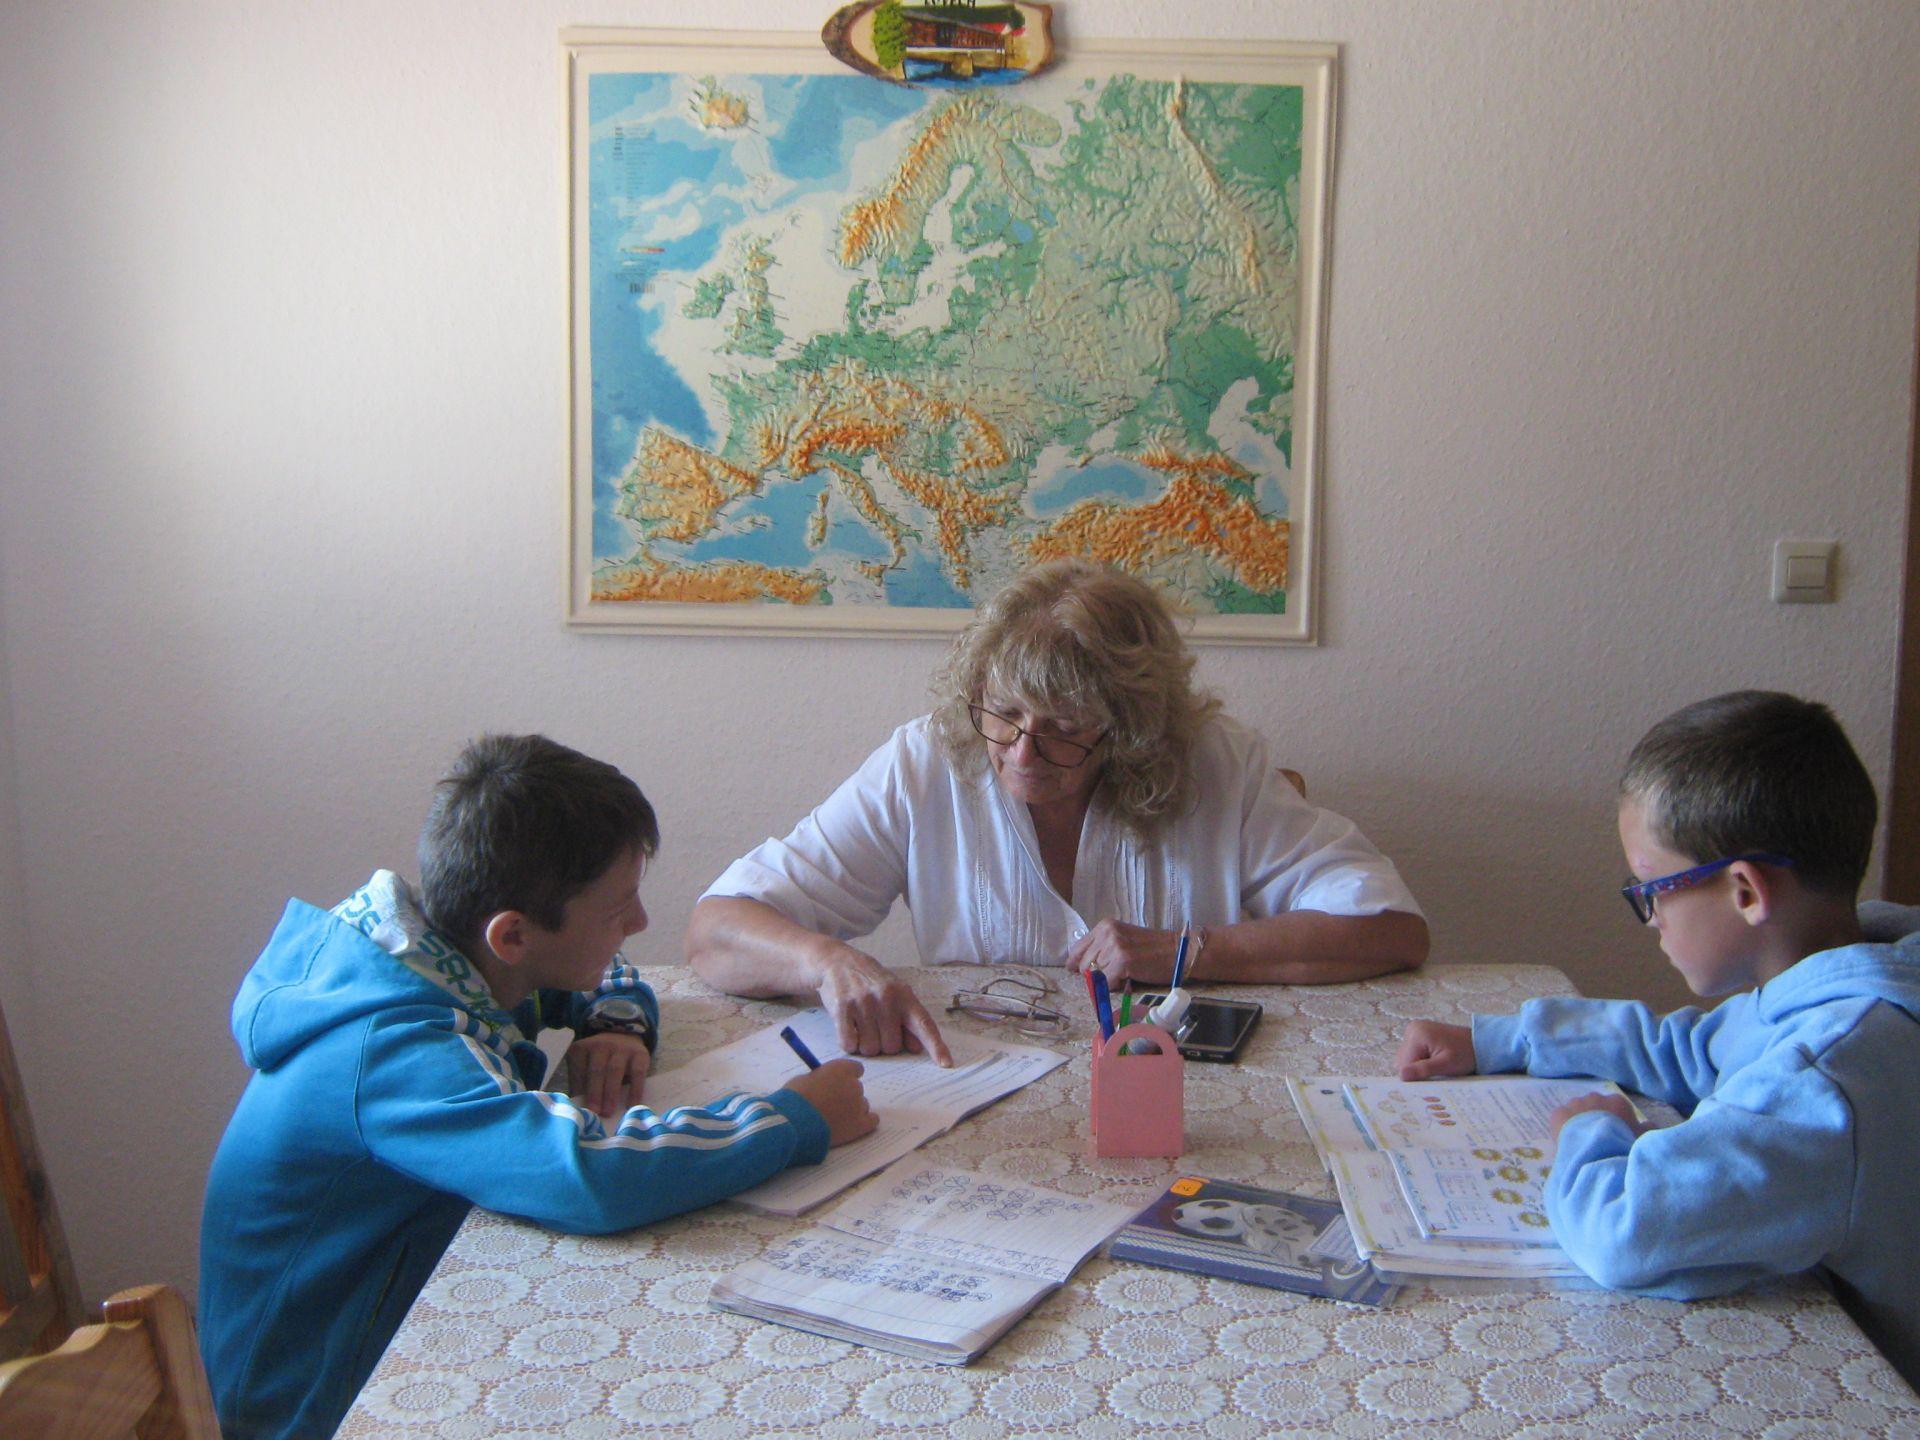 Валя Марчева с две от децата  - ученици във втори и в пети клас